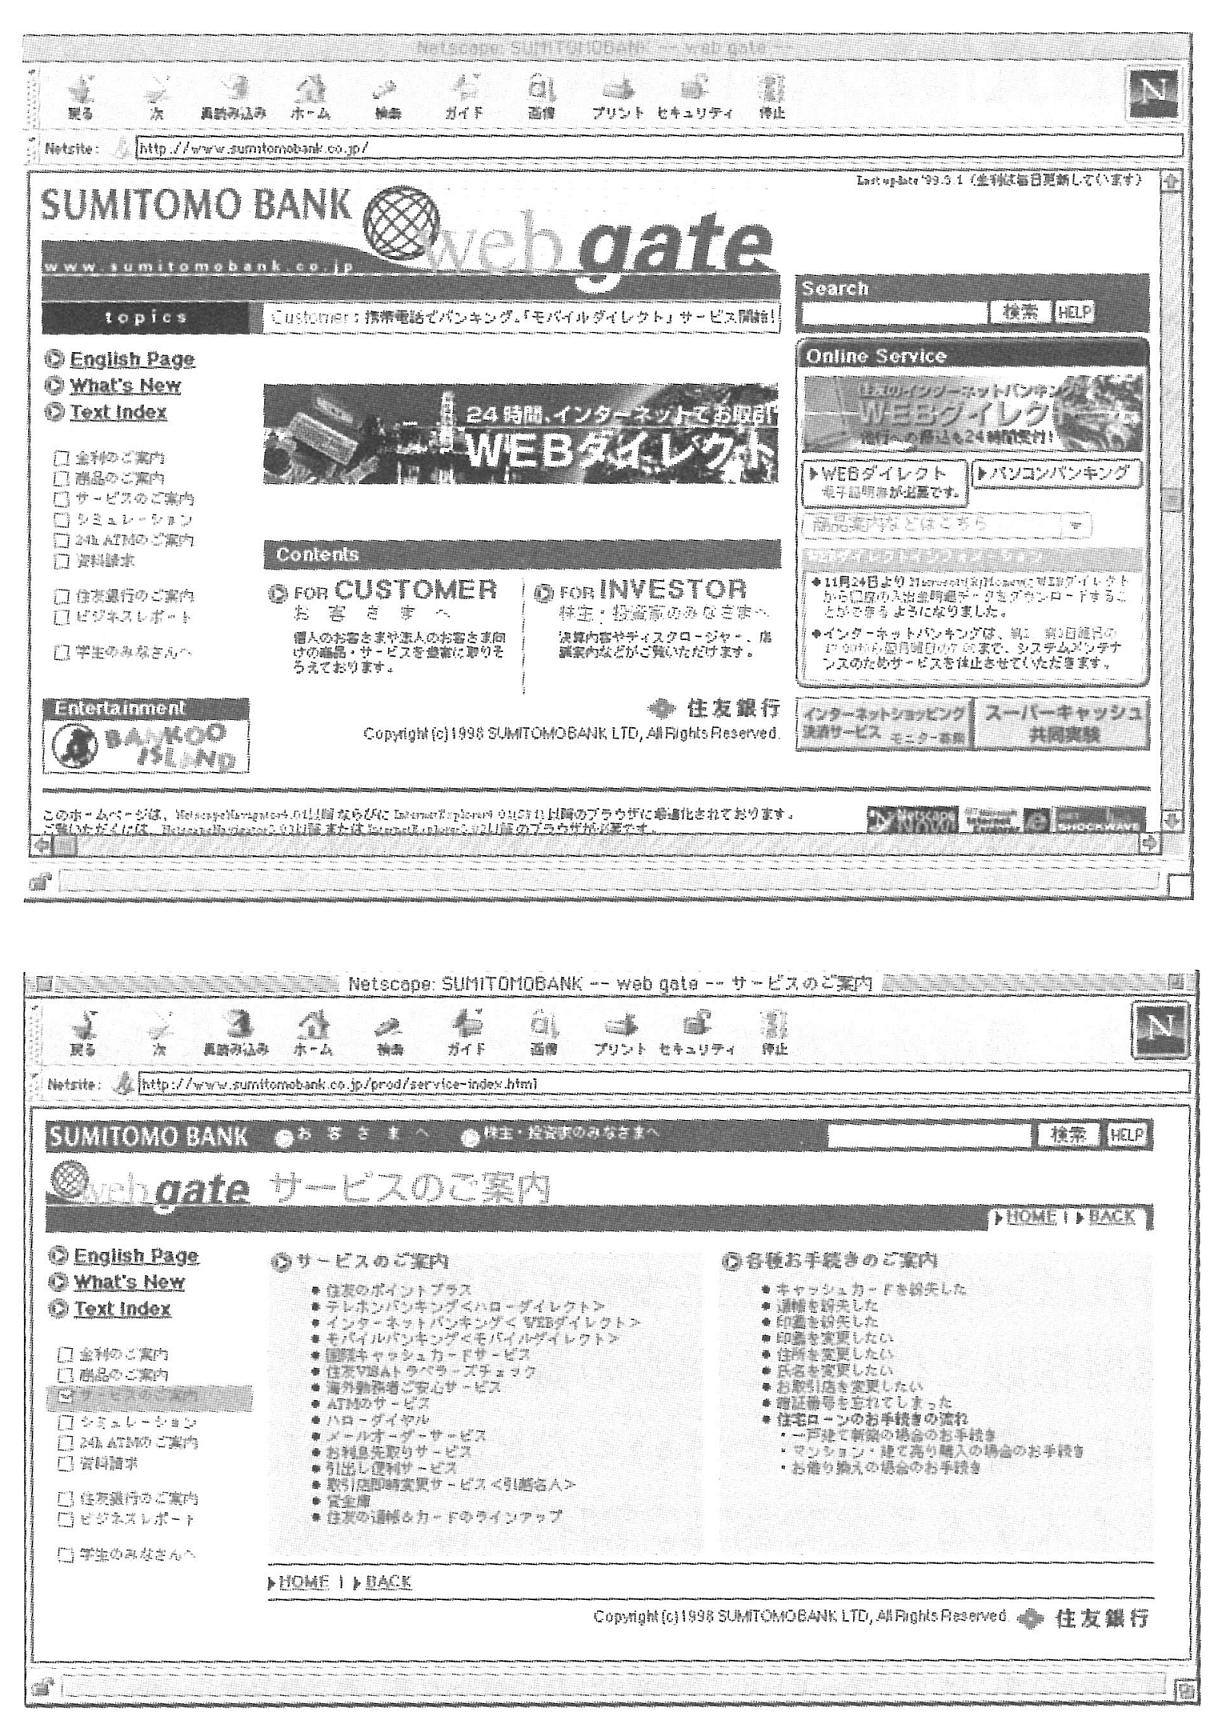 住友銀行のホームページ画面。同行はインターネット・バンキンク「webダイレクト」にも力を入れている